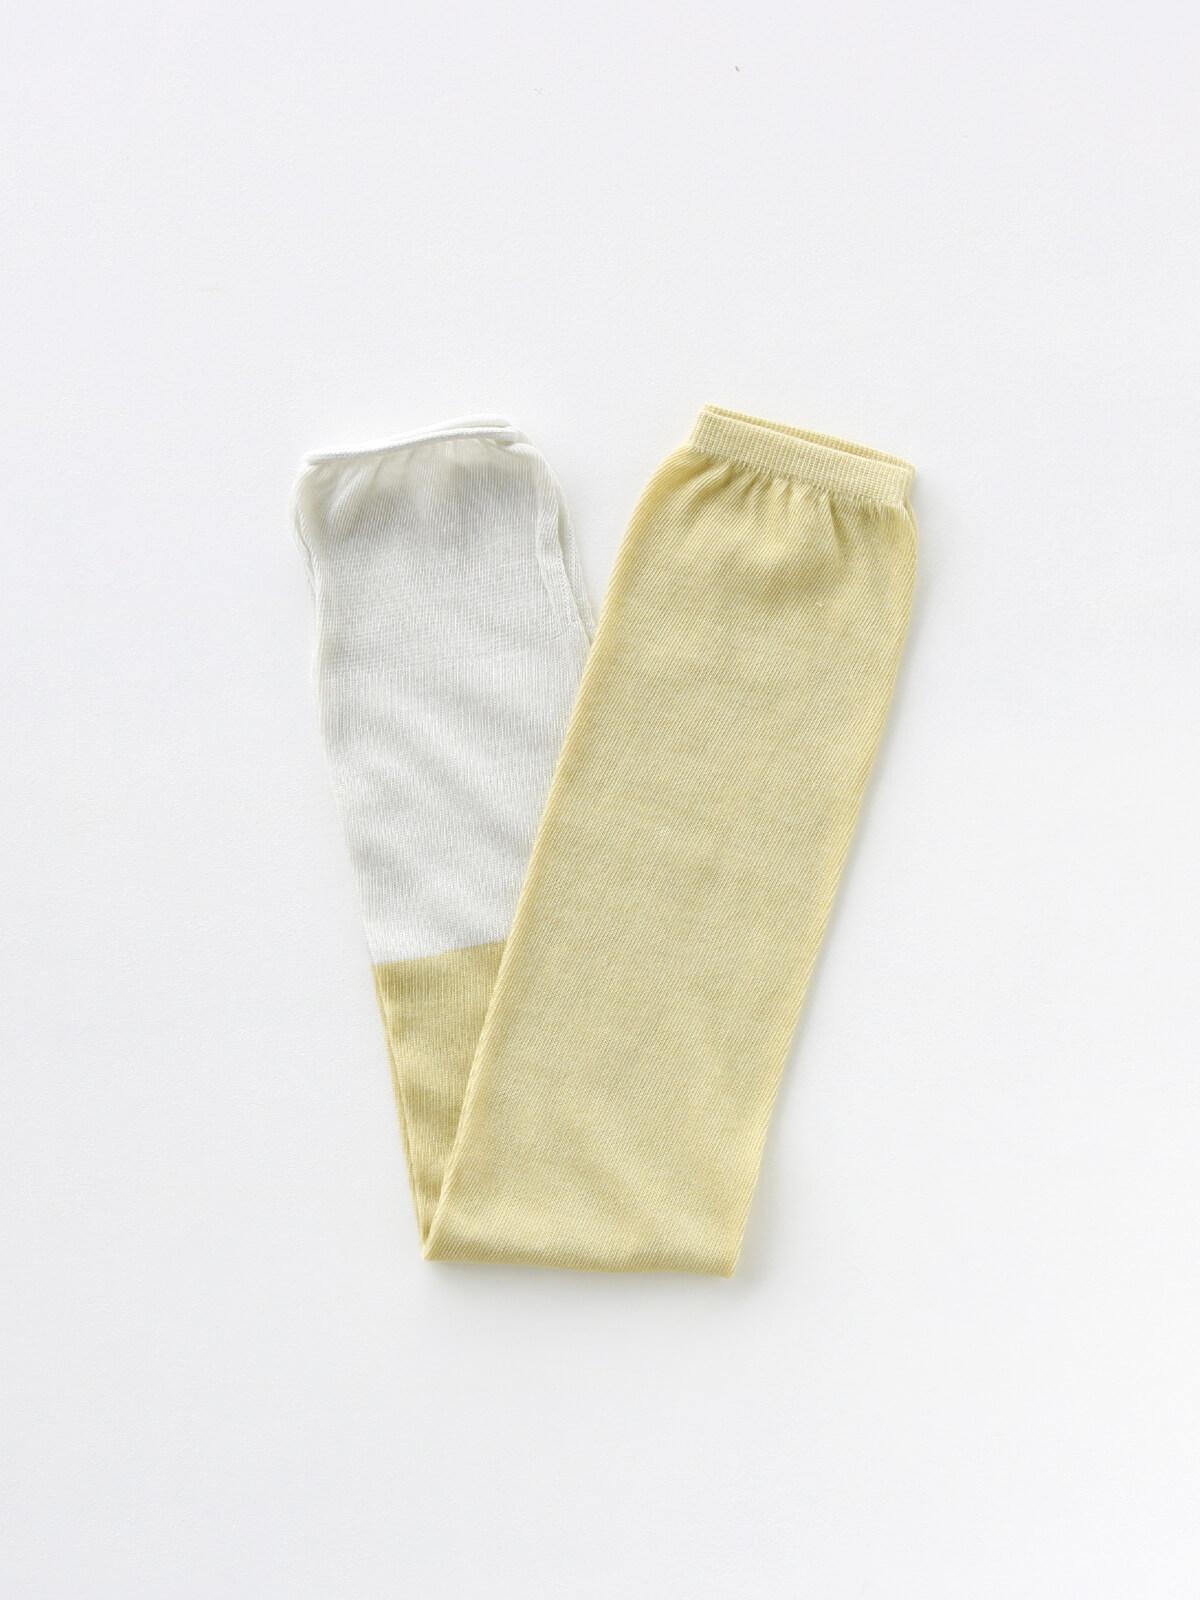 当たりつきギフト専用靴下のLUCKY SOCKS(ラッキーソックス)のSunscreen 2tone Armcover(サンスクリーン2トーンアームカバー)のペールイエロー×ミスト_2